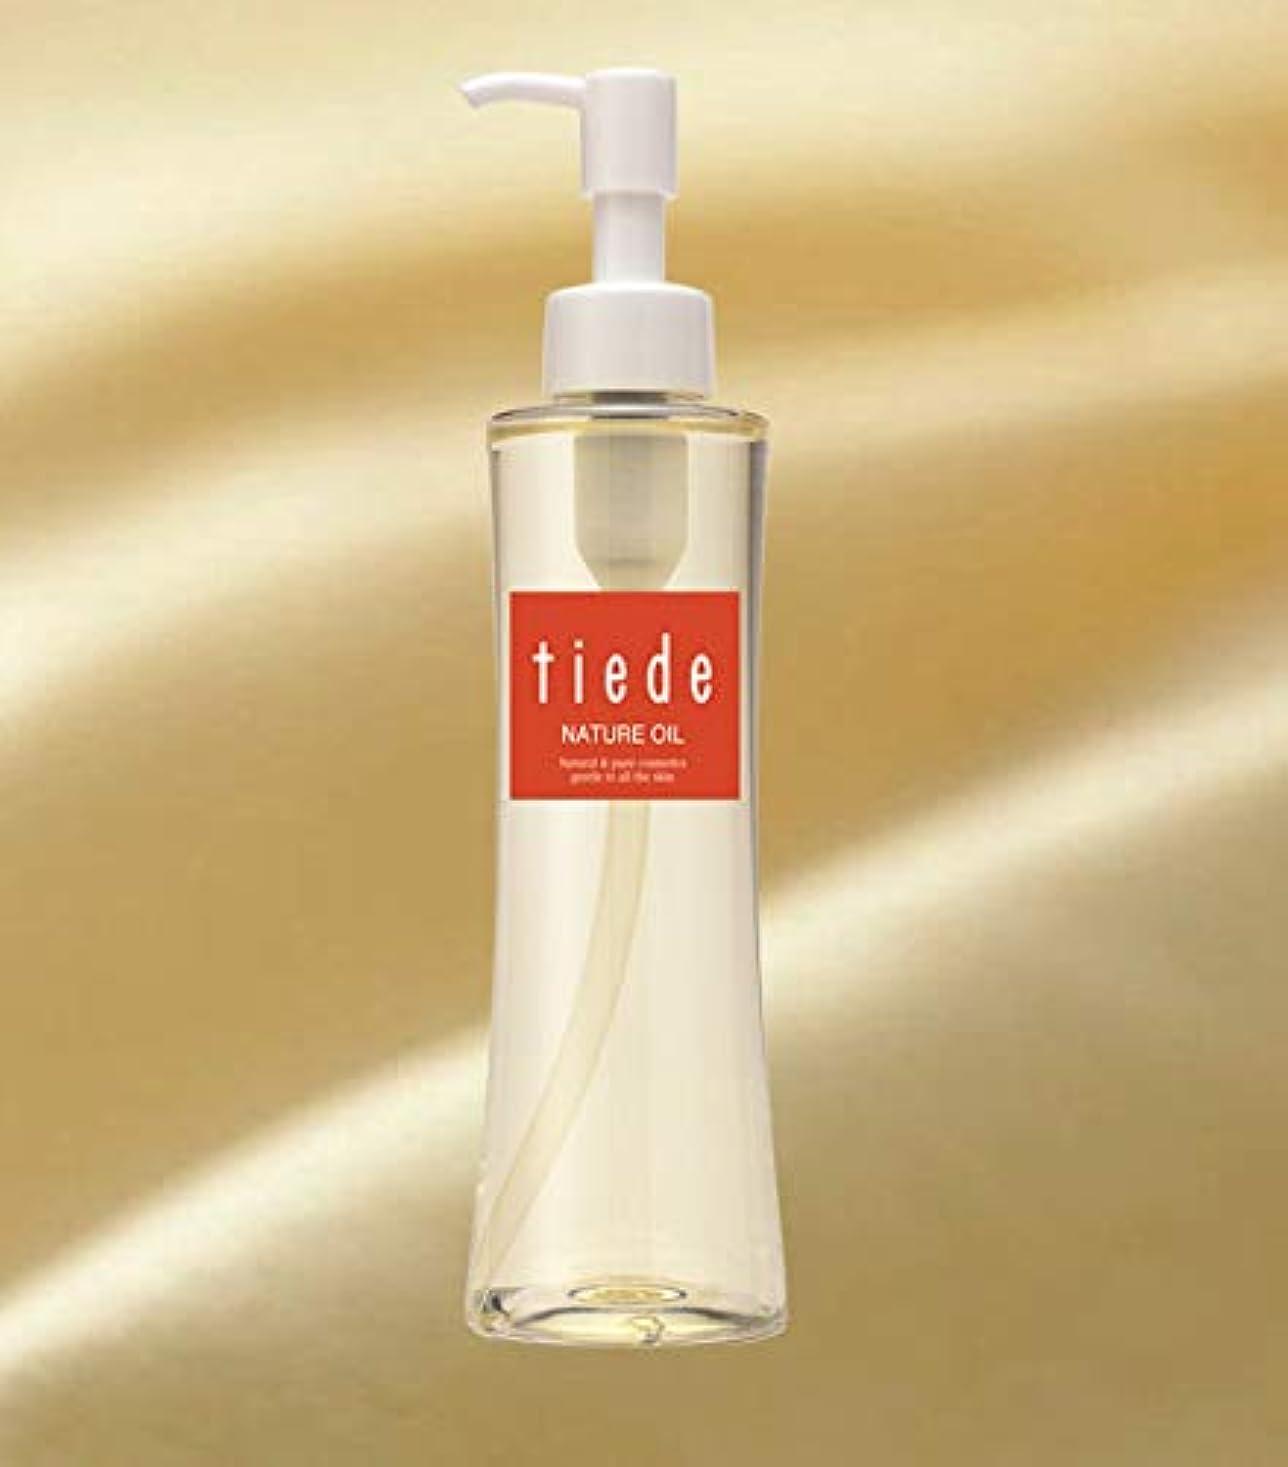 争う意気揚々残基ティエード ナテュールオイル (200mL) Tiede Natural Oil